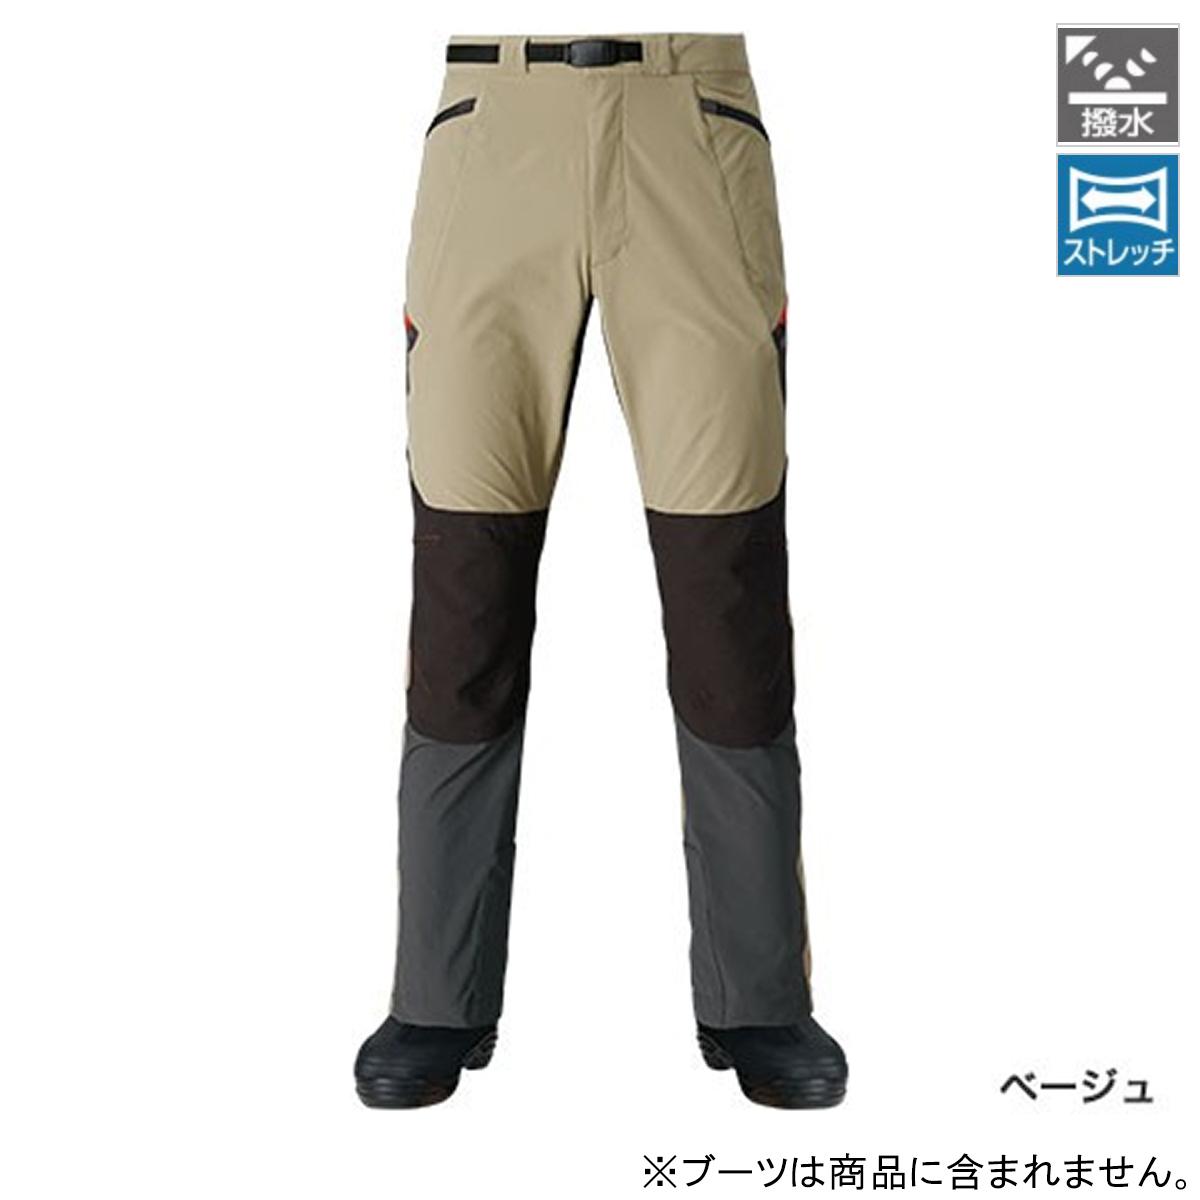 シマノ 撥水ストレッチパンツ PA-041P XL ベージュ(東日本店)